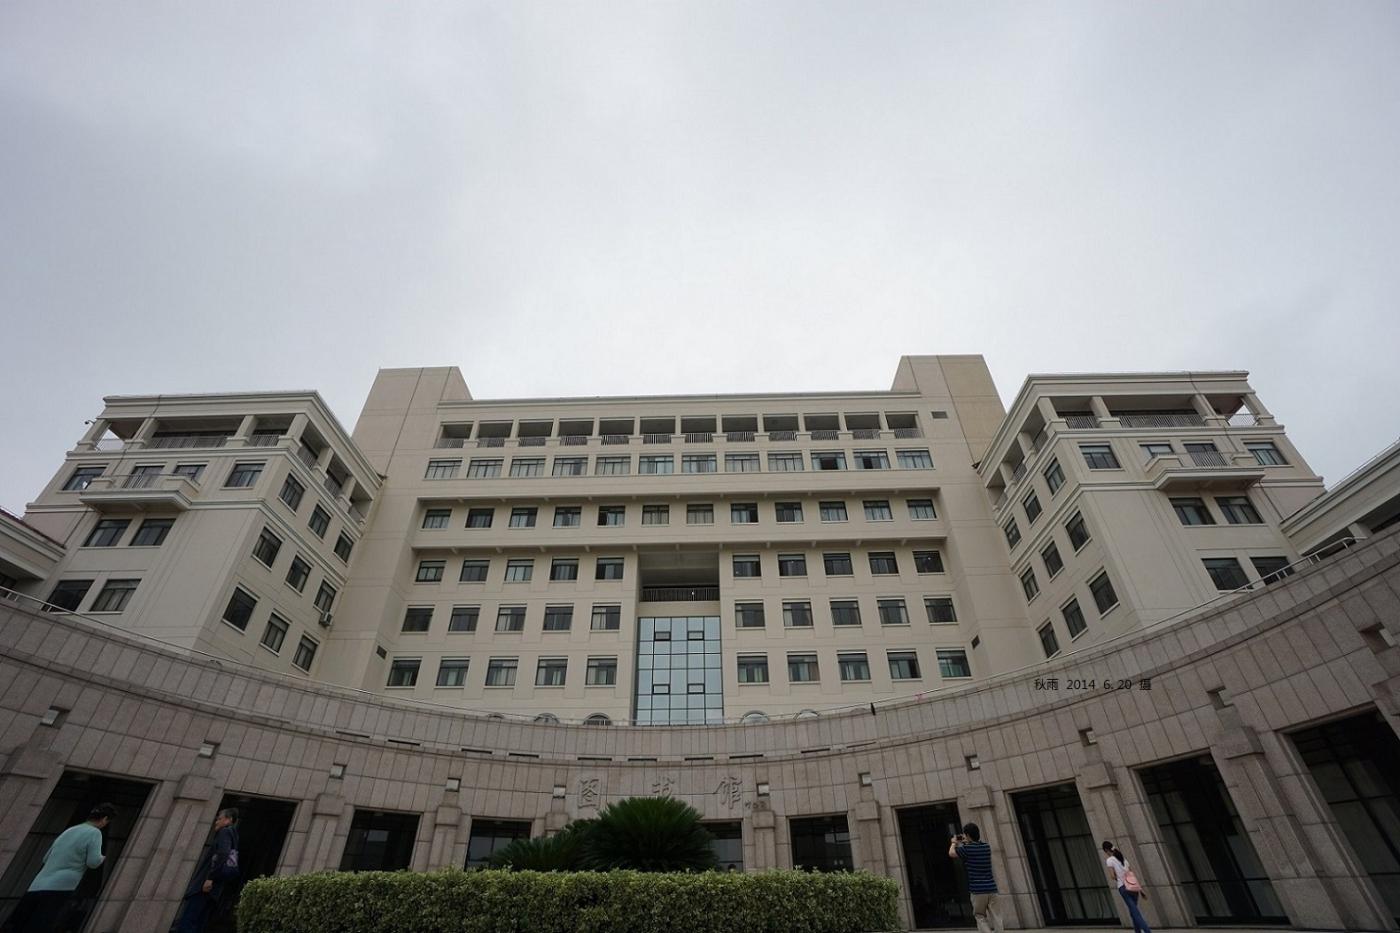 上海师范大学奉贤校区景色(摄影原创)_图1-4